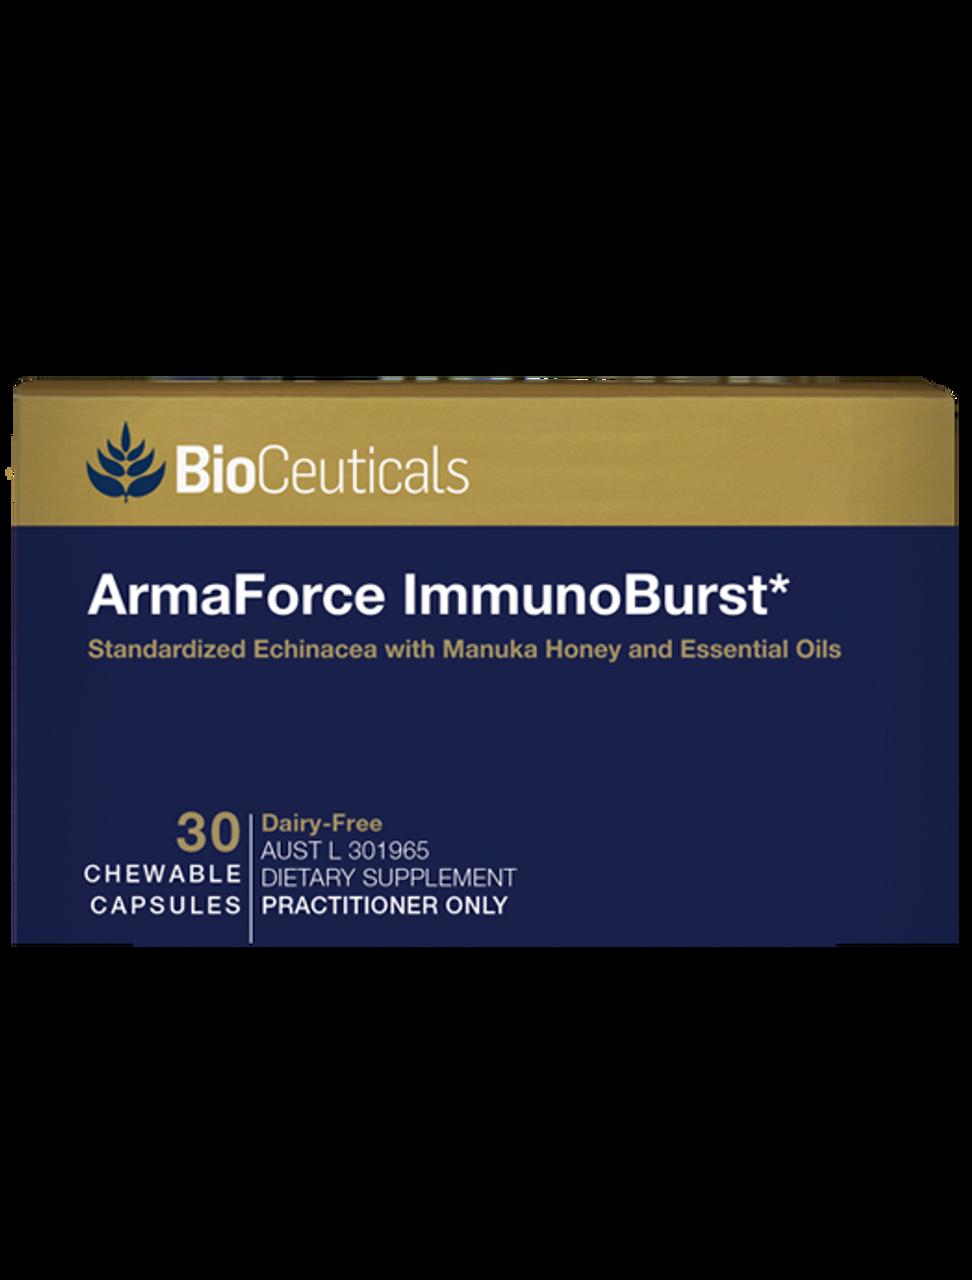 Bioceuticals Armaforce ImmunoBurst